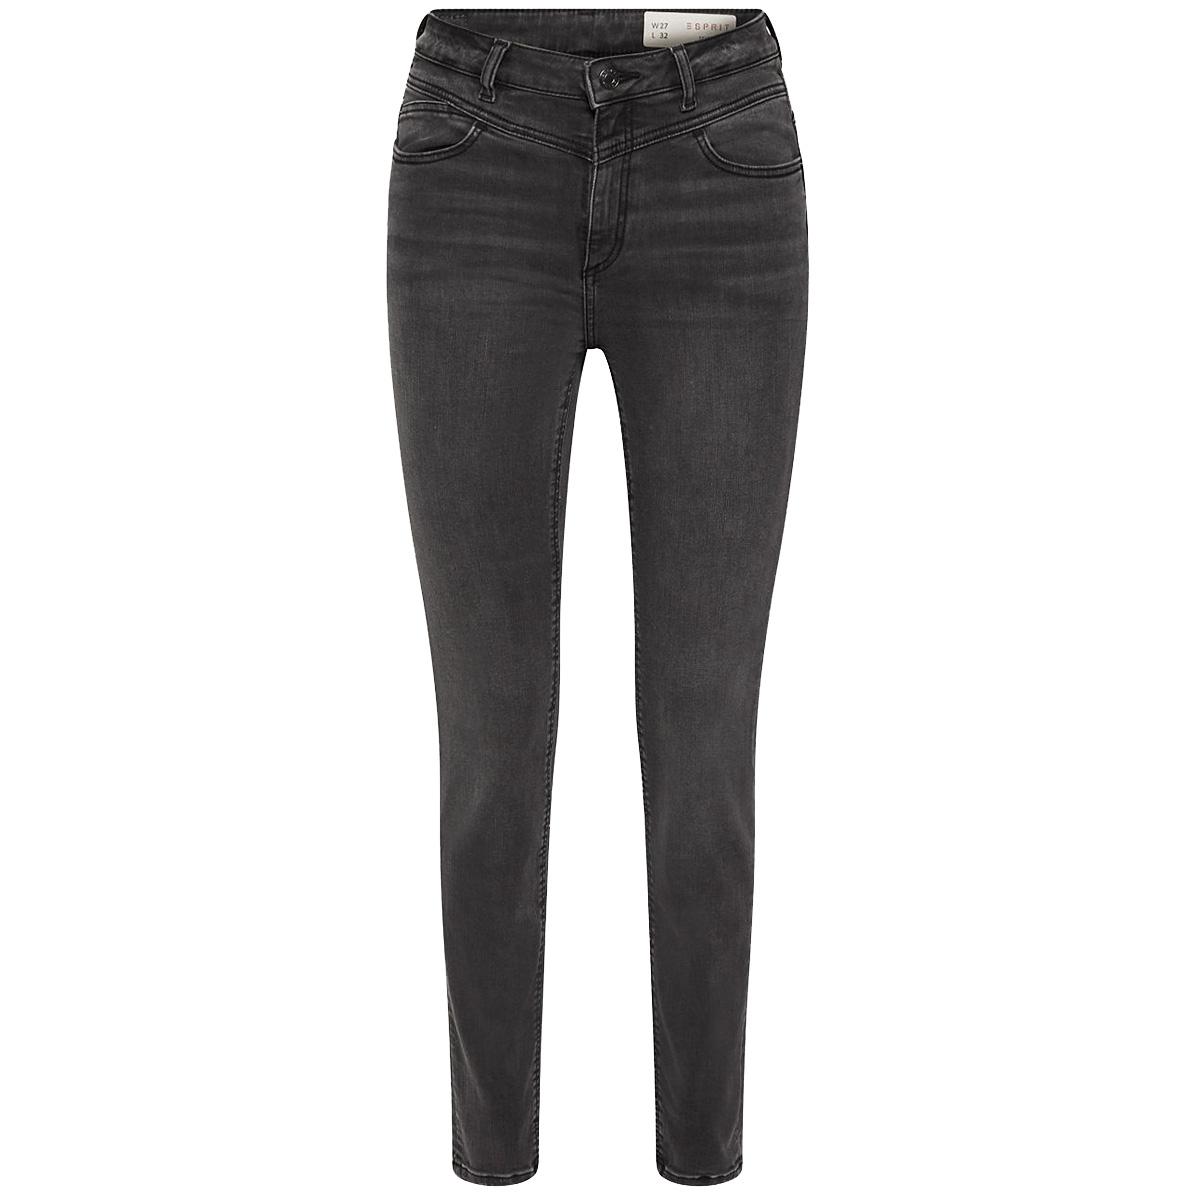 jeans met superstretch en hoge band 089ee1b011 esprit jeans e921